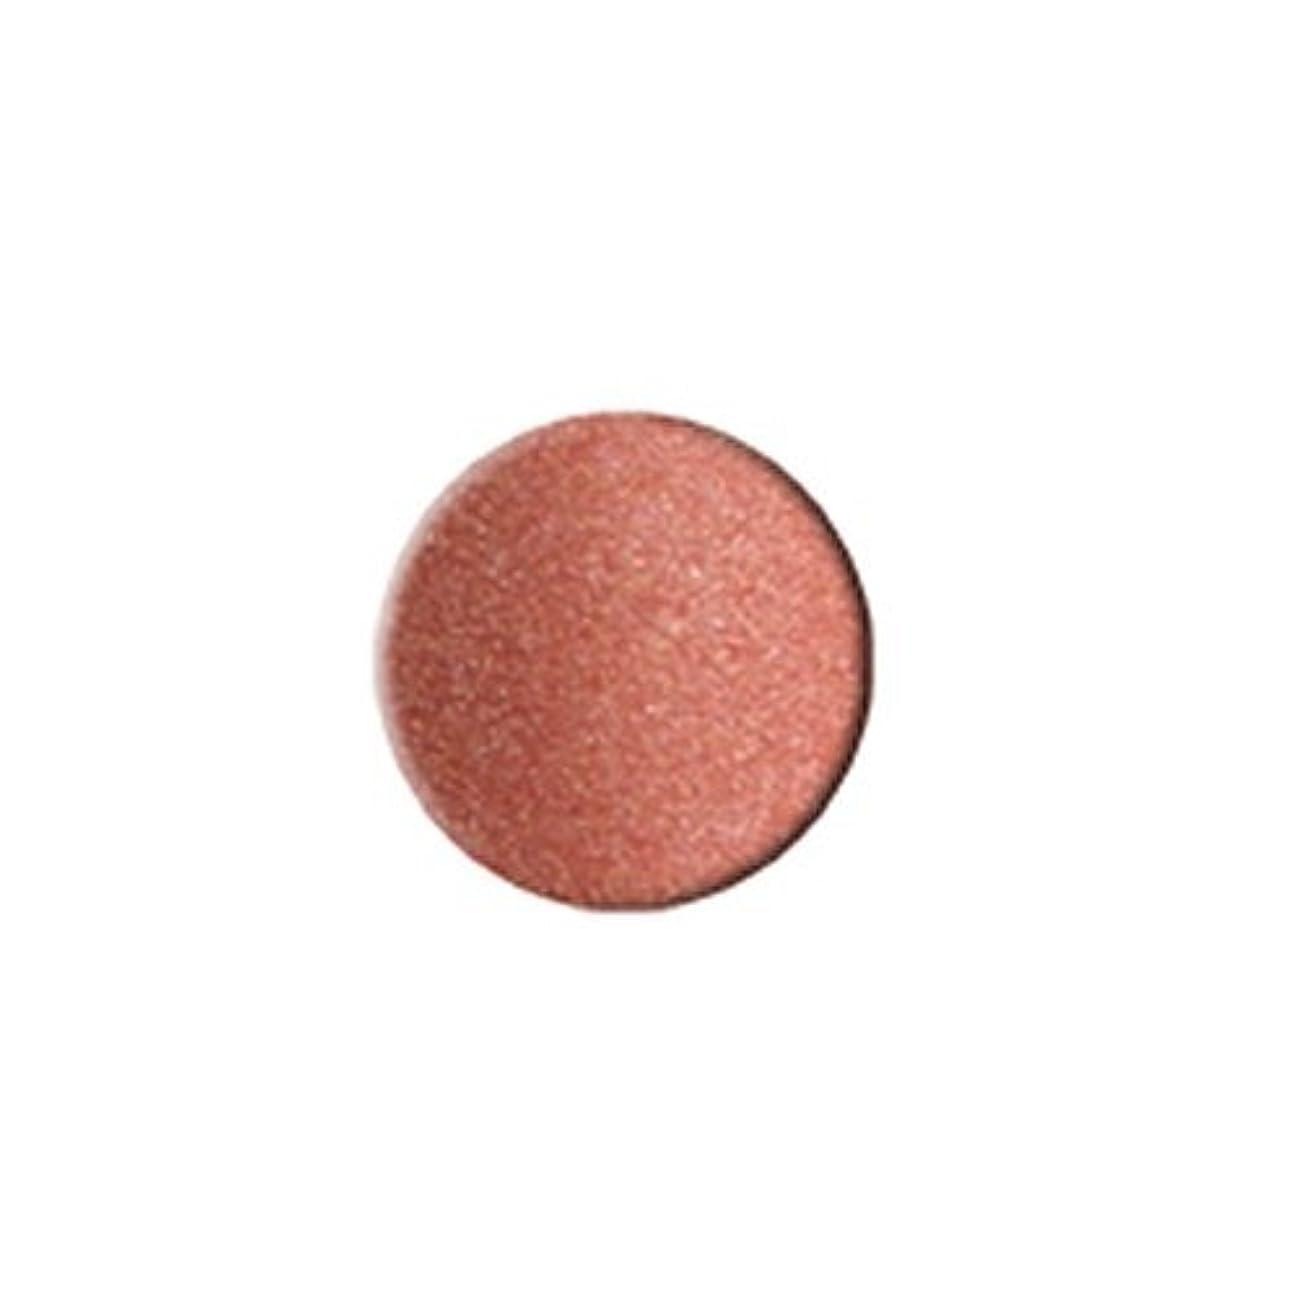 擬人何十人も引き受けるKLEANCOLOR Everlasting Lipstick - Beige Frost (並行輸入品)